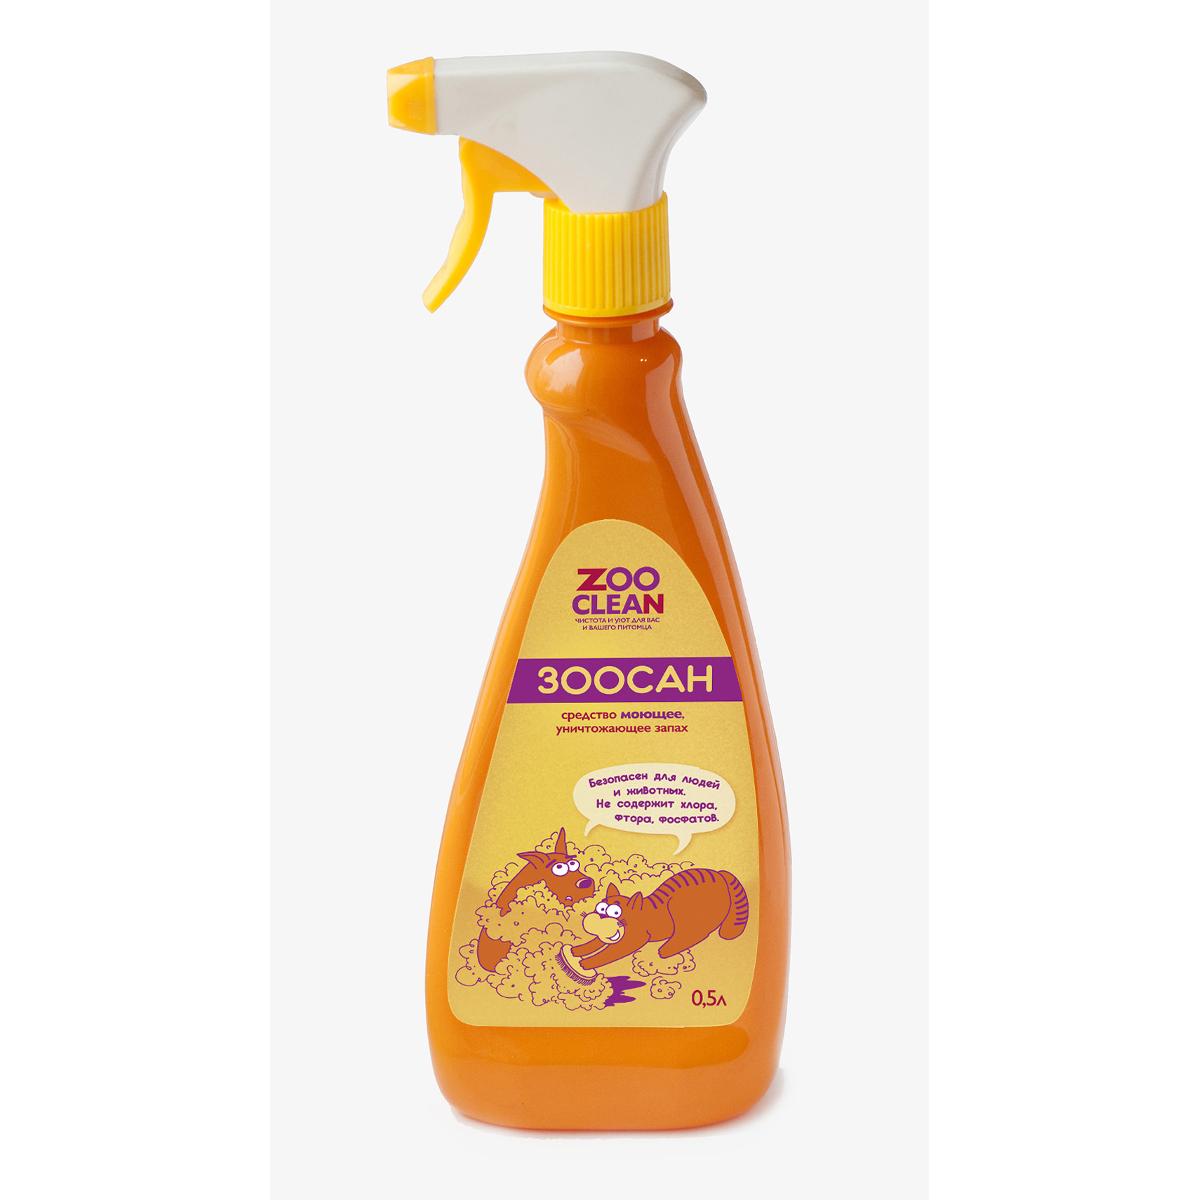 Моющее средство Zoo Clean ЗооСан, уничтожающее запах, 500 мл0120710Средство Zoo Clean ЗооСан - это безопасное моющее средство, удаляющее запахи, 500 мл Отмывает и уничтожает запахи на поверхностях (пол, вольеры, клетки, переноски, лотки, миски, щетки, ножницы, игрушки и т. д. ) Снимает территориальные метки животных Дезинфицирующие свойства (5% концентрация) Уничтожает (5% концентрация): Salmonella Enteritidis, E. coli, St. aureus, Proteus vulgaris, Bac. subtilisОсобенности: Не содержит:— Хлора.— Фтора.— Фосфатов.Безопасен для людей и животных.Рекомендовано и апробировано Российскими питомниками.Возможна обработка в присутствии животных. Область применения: Помещения содержания животных (квартиры, питомники, клетки) Ветеринарные клиники Зоогостиницы ВыставкиКак применять? Удалить грубое загрязнение.Смешать 1 к 9 с водой Вымыть поверхность с помощью губки или тряпки.Сильное загрязнение — концентратом Возможно использование моющего пылесоса При необходимости повторить процедуру. Меры предосторожности: Беречь от детей При попадании концентрата на кожу, в глаза и на слизистую оболочку промыть водой. Состав: Анионгенные ПАВы, специальные добавки, биопаг, катамин АБ, пищевая отдушка.